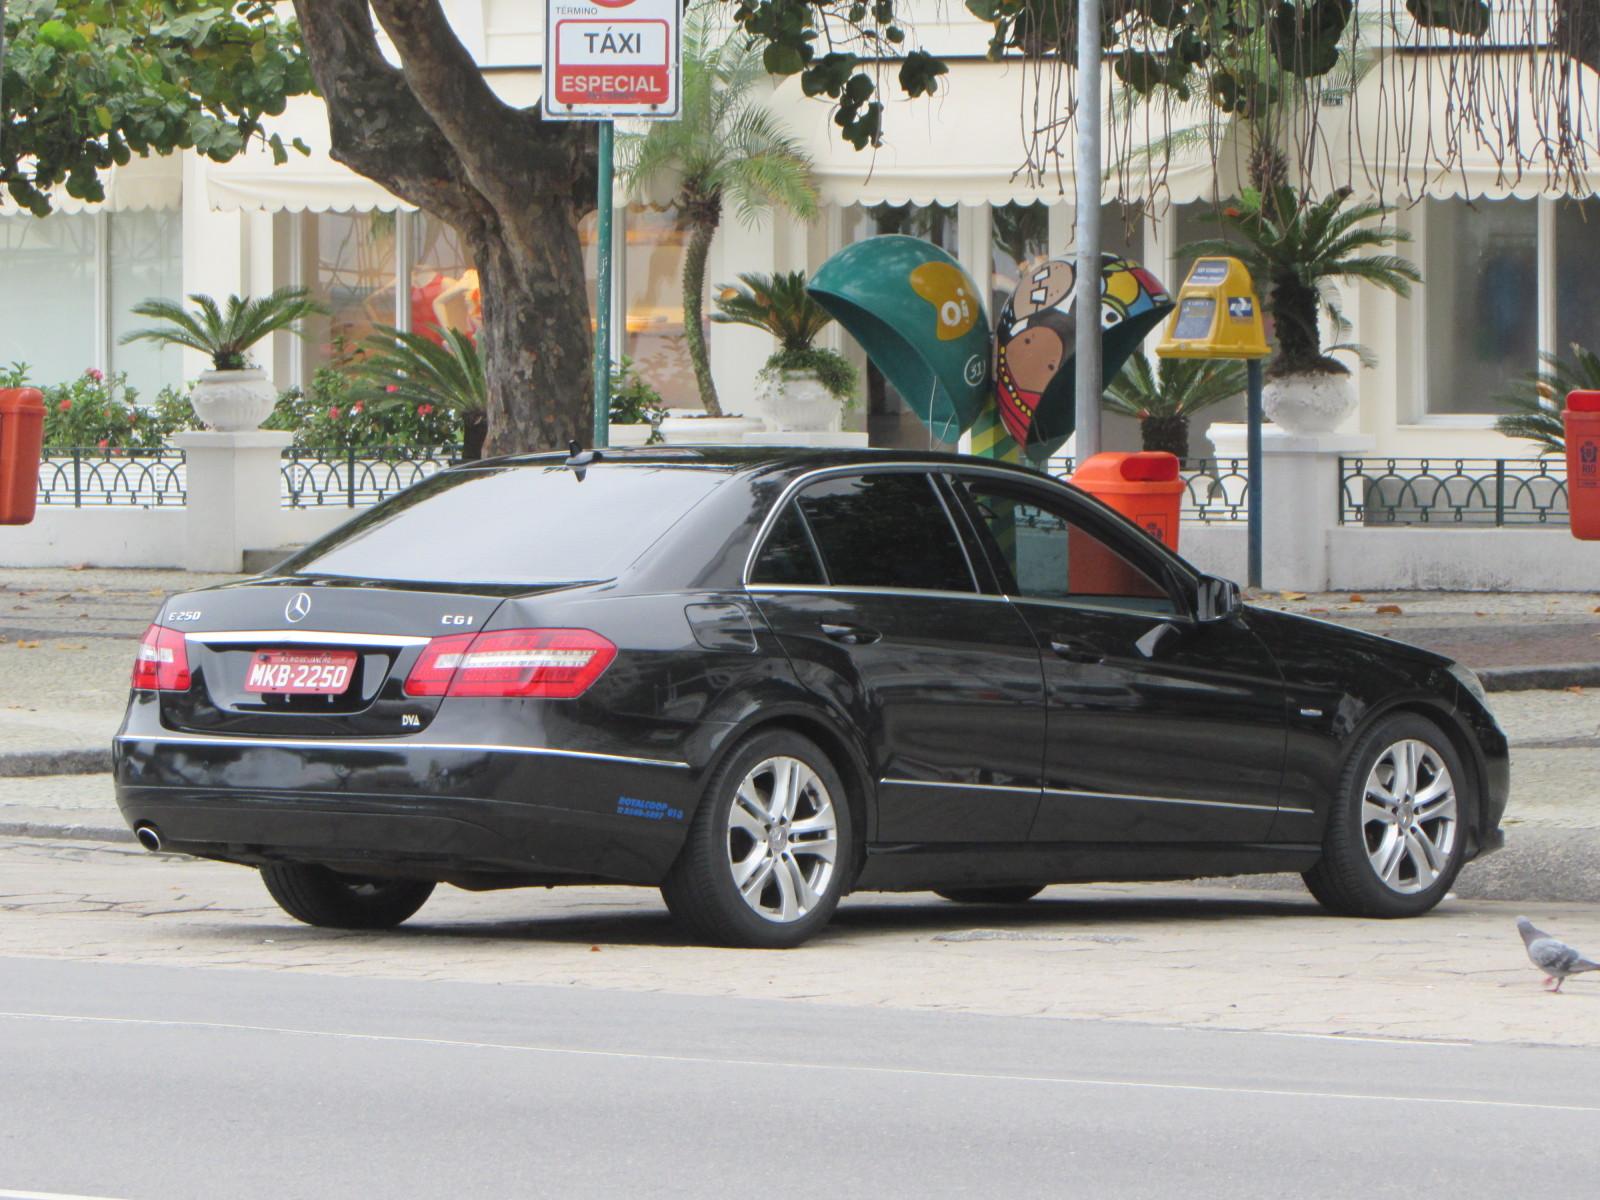 MB como táxi: crime ou paixão???? 2iiv28n